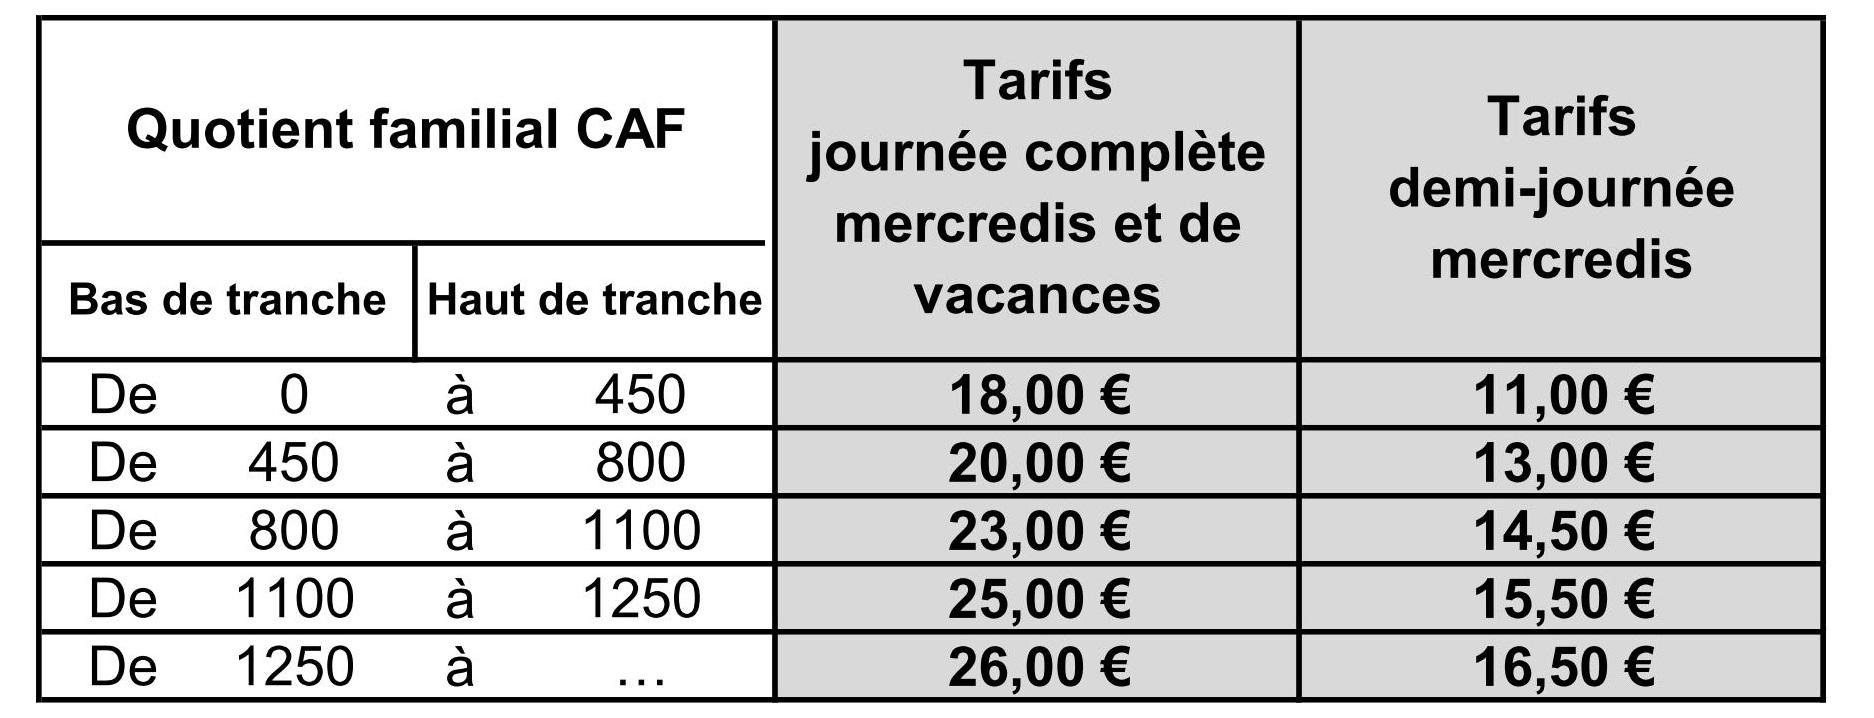 Adresse Caf De Arras